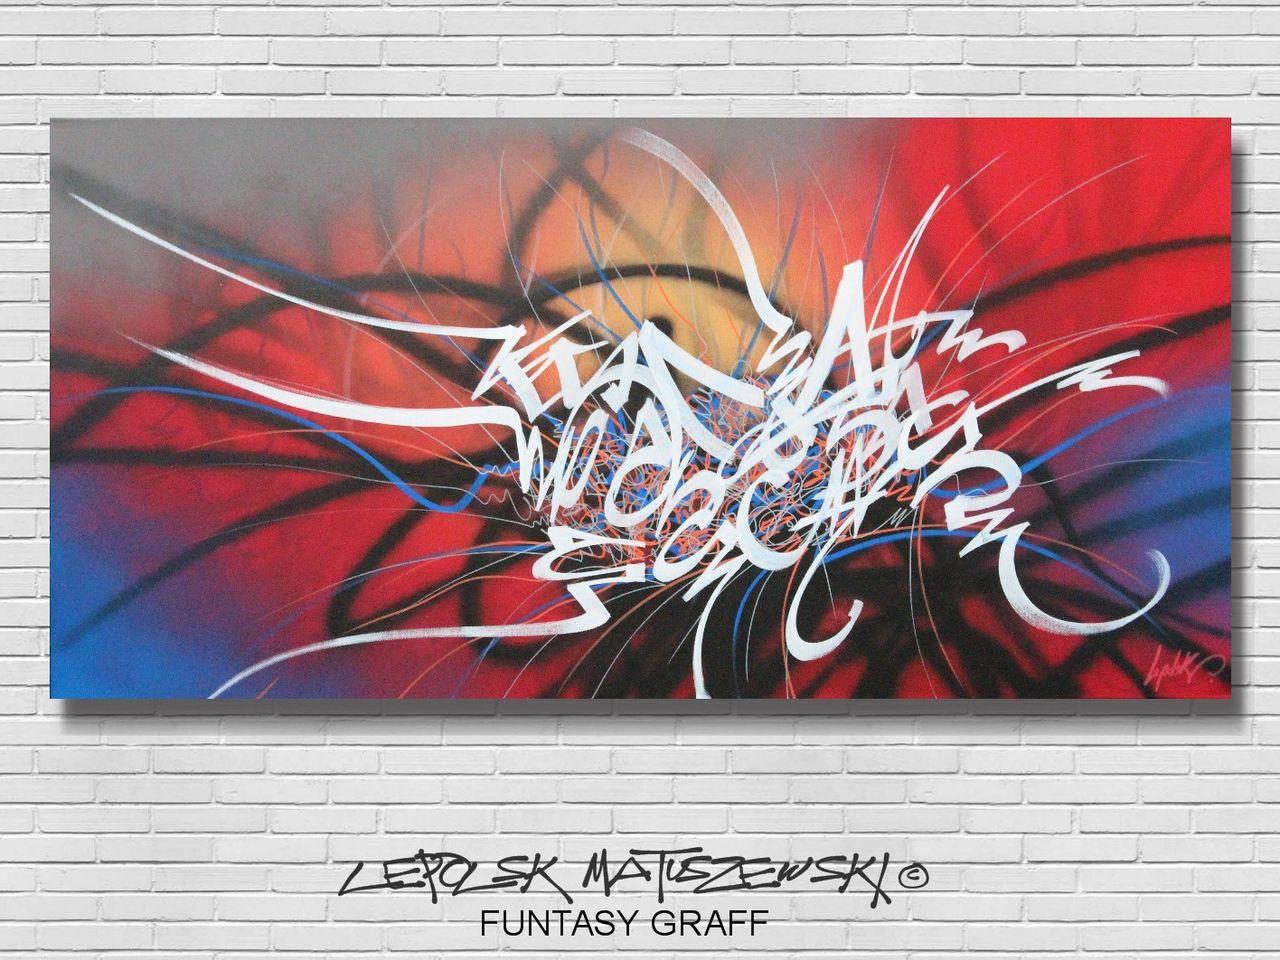 MK  Lepolsk Matuszewski FUNTASY GRAFF  Street art callifgraffiti graffiti expressionnisme abstrait